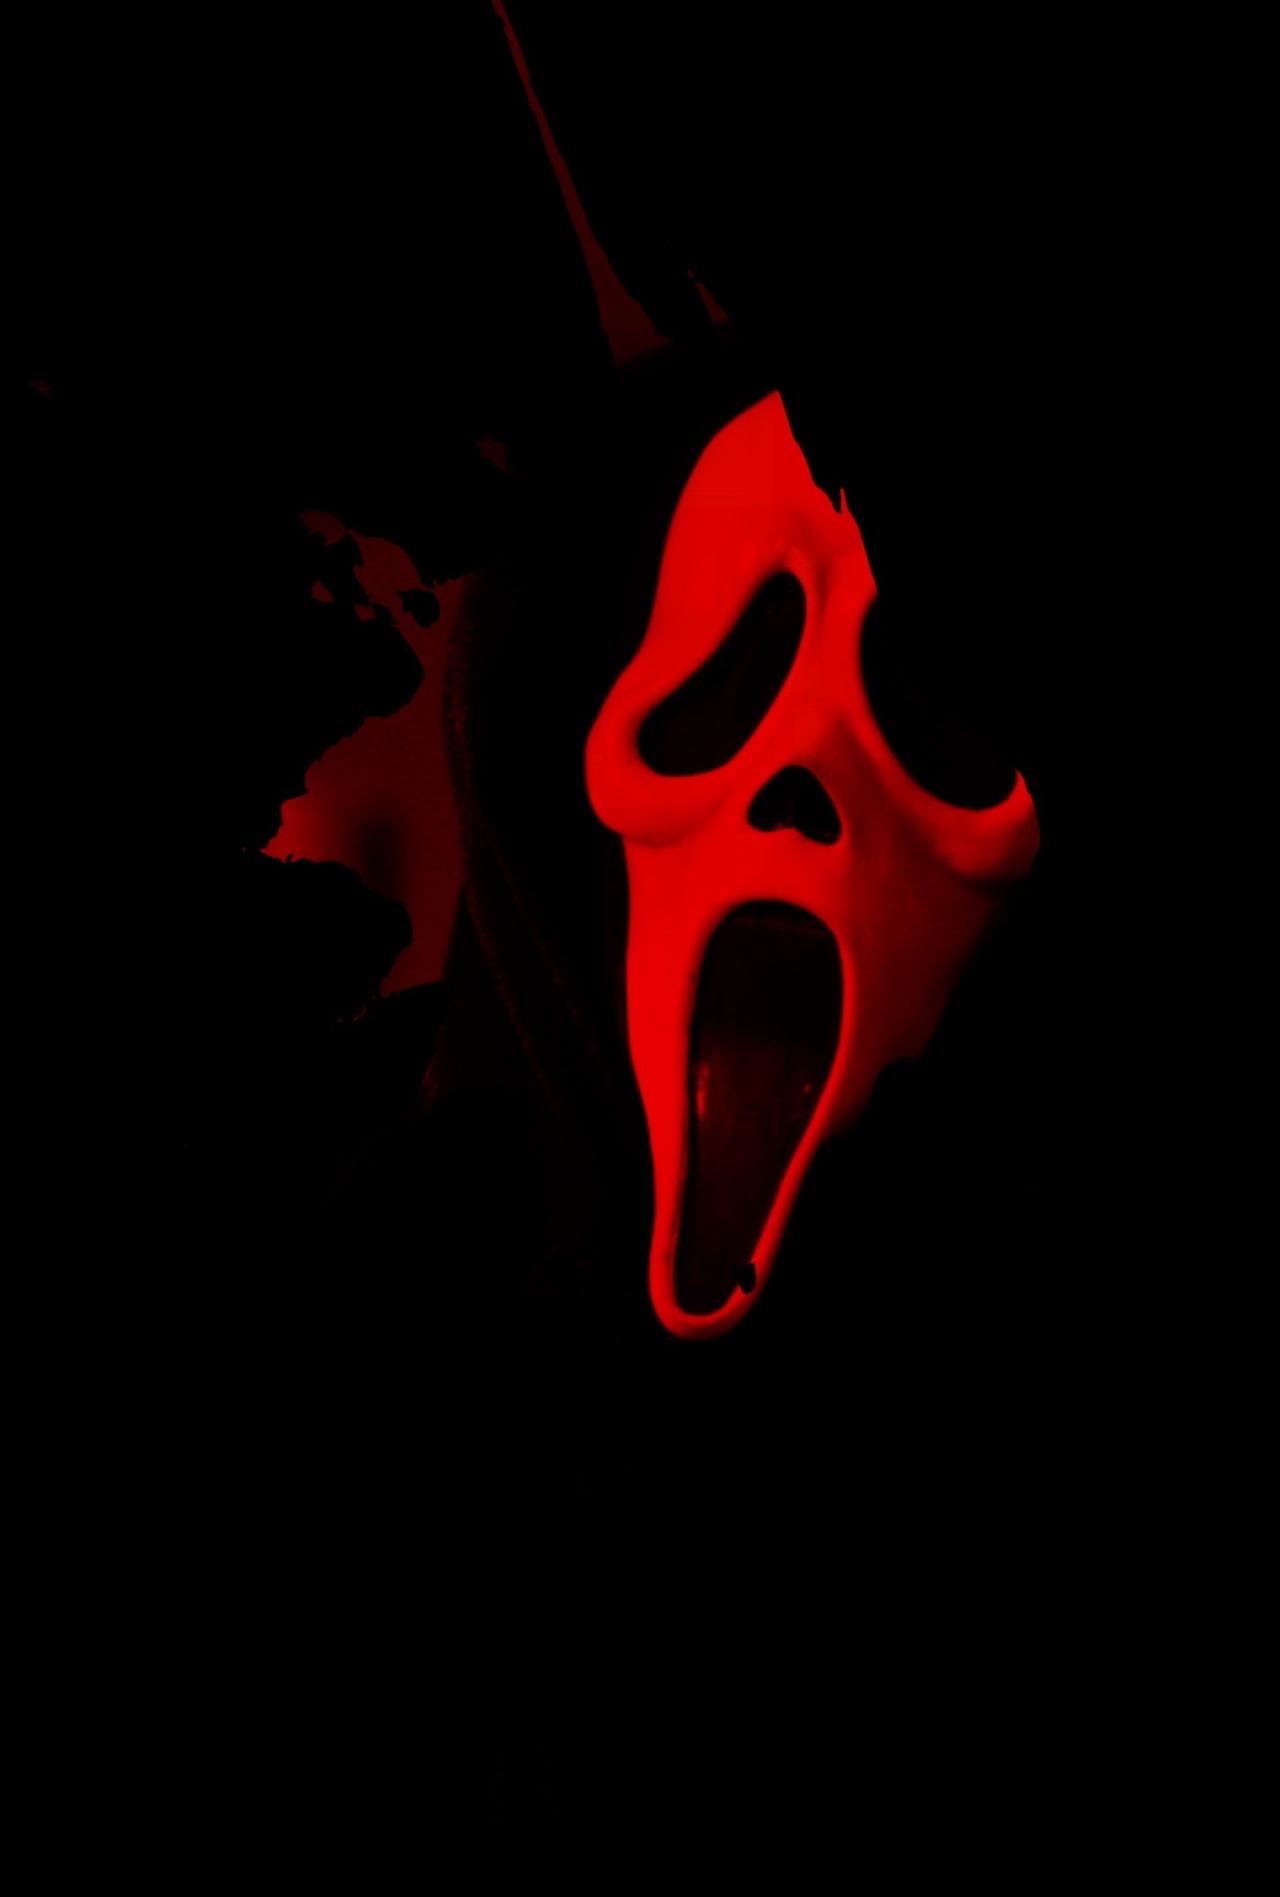 Pin By Jeanne Loves Horror On Horror Art 5 Horror Art Ghost Faces Horror